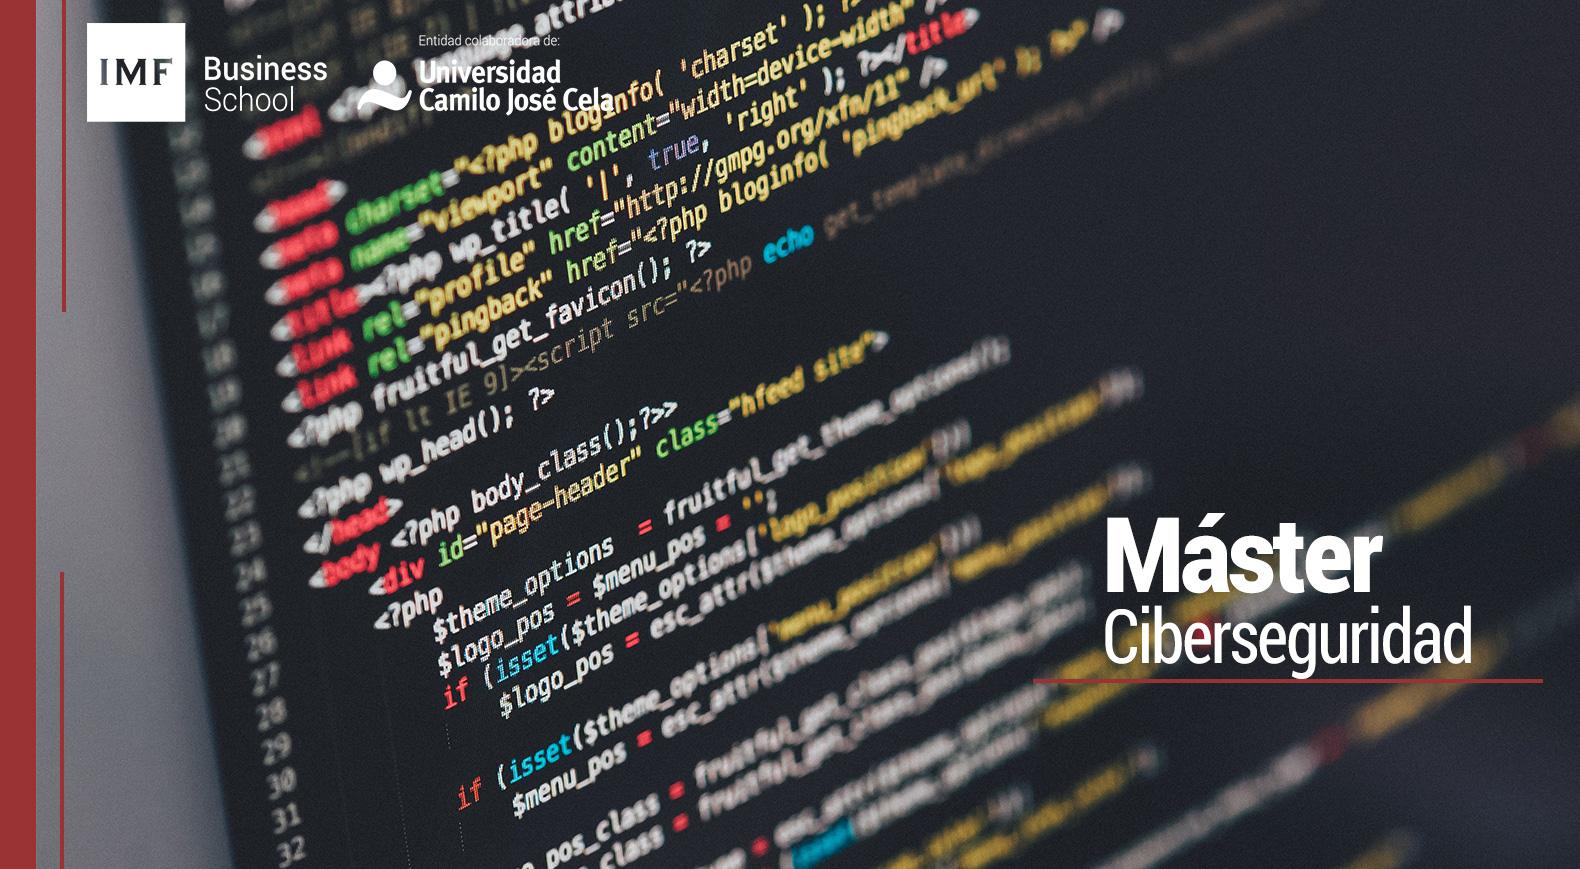 master en ciberseguridad online y semipresencial